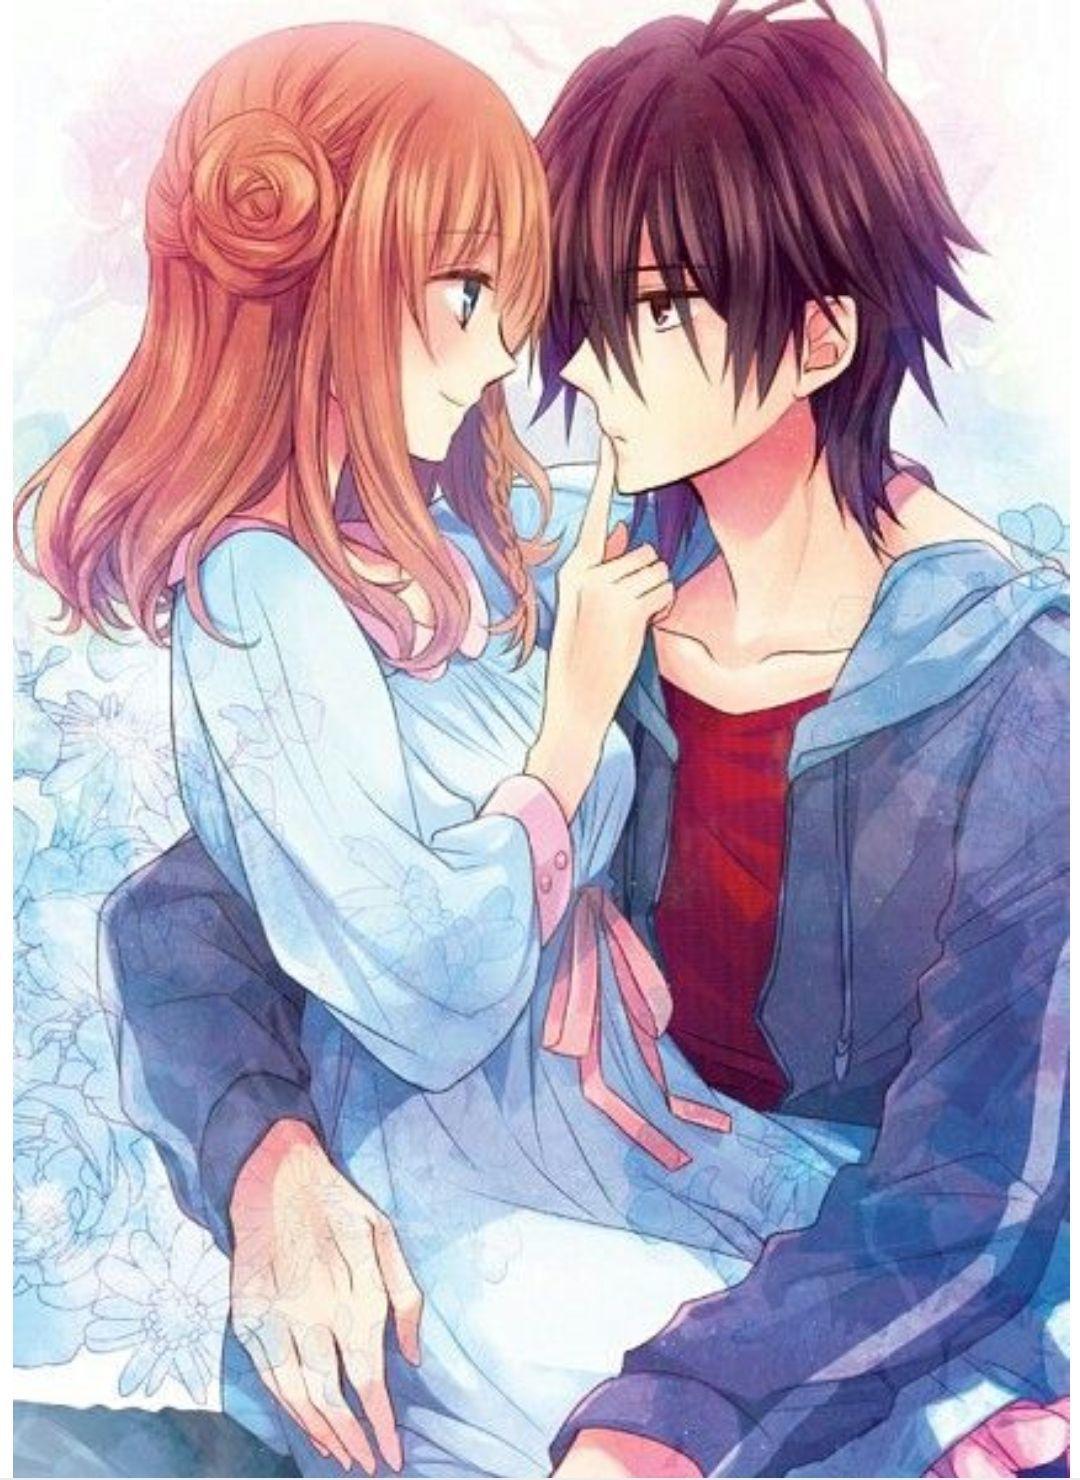 Anime Background Wallpaper Free Pasangan Animasi Cosplay Anime Animasi